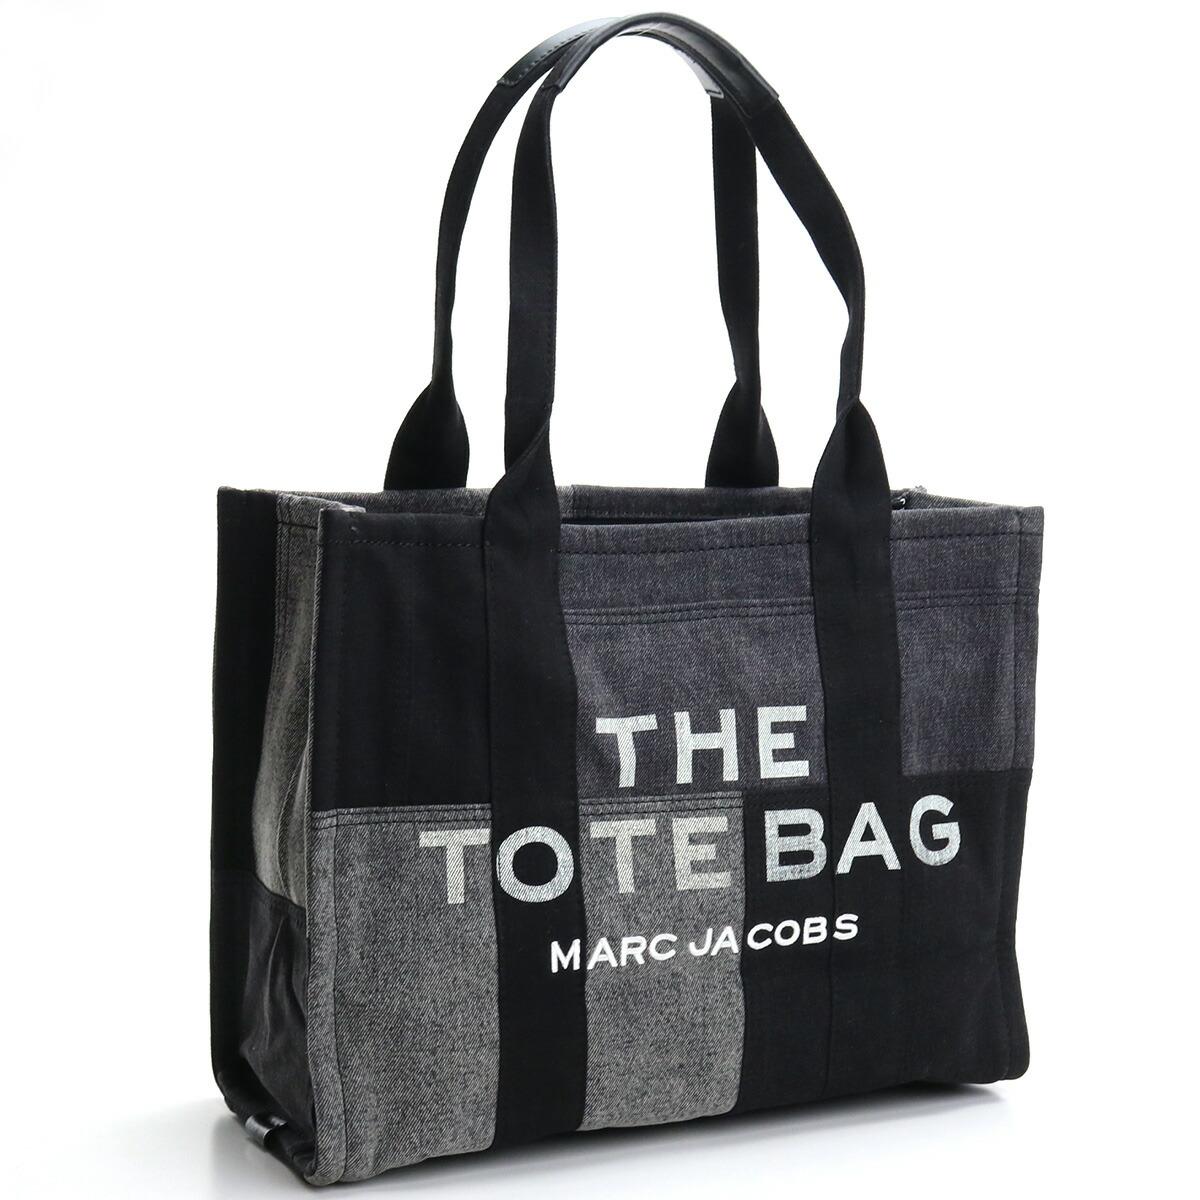 マーク・ジェイコブス MARC JACOBS  トートバッグ ブランドバッグ ブランドロゴ H018M06FA21 012 THE DENIM LARGE TOTE BAG BLACK DENIM ブラック グレー系 bag-01